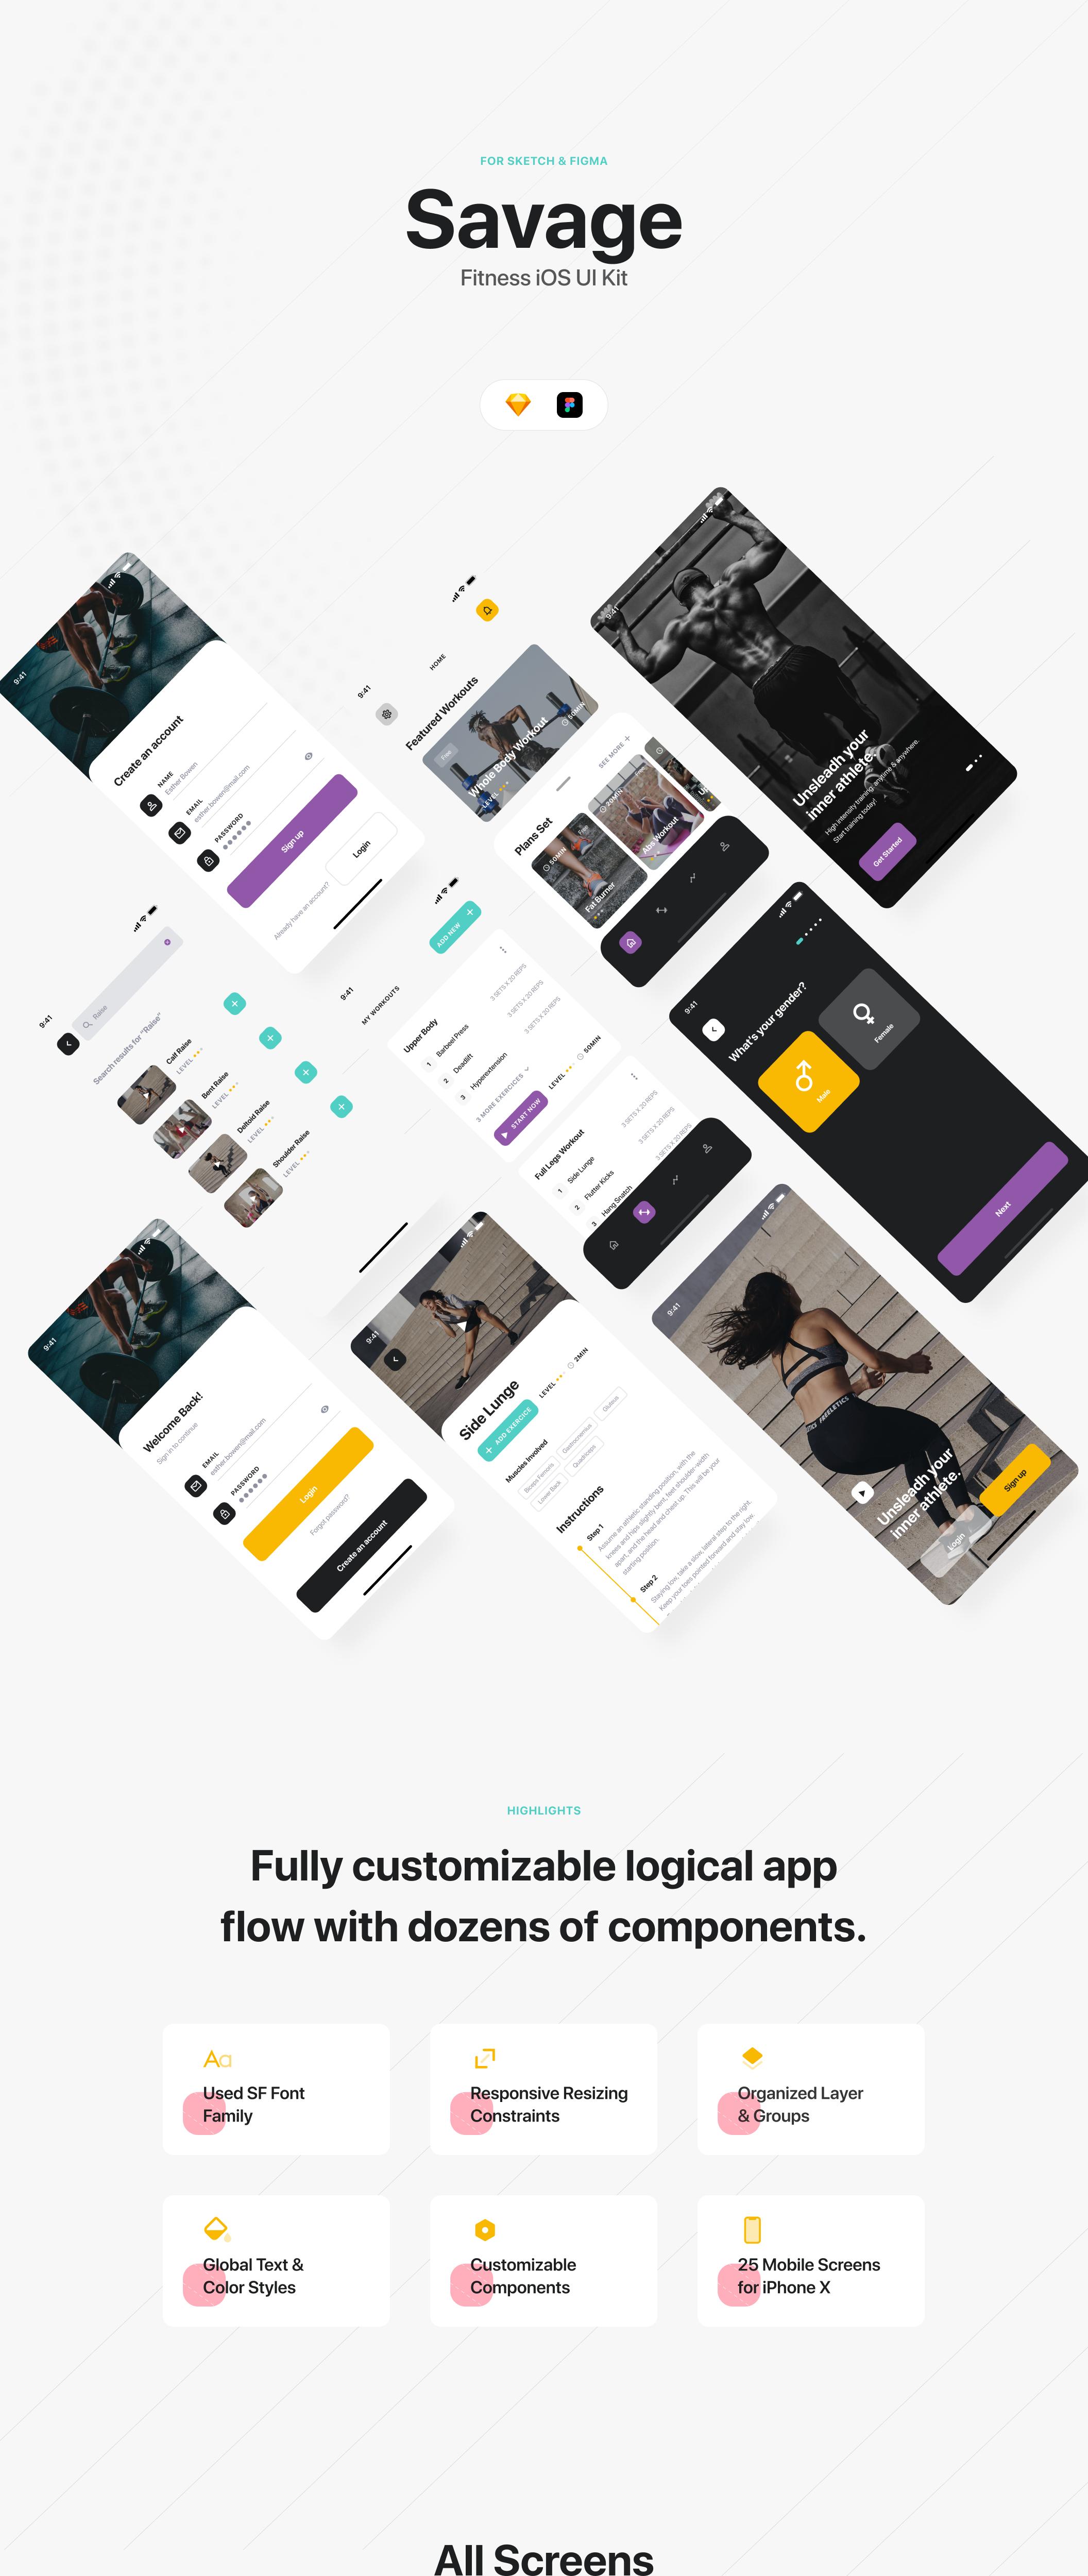 锻炼健身应用APP界面设计UI套件 Savage iOS UI Kit插图(6)